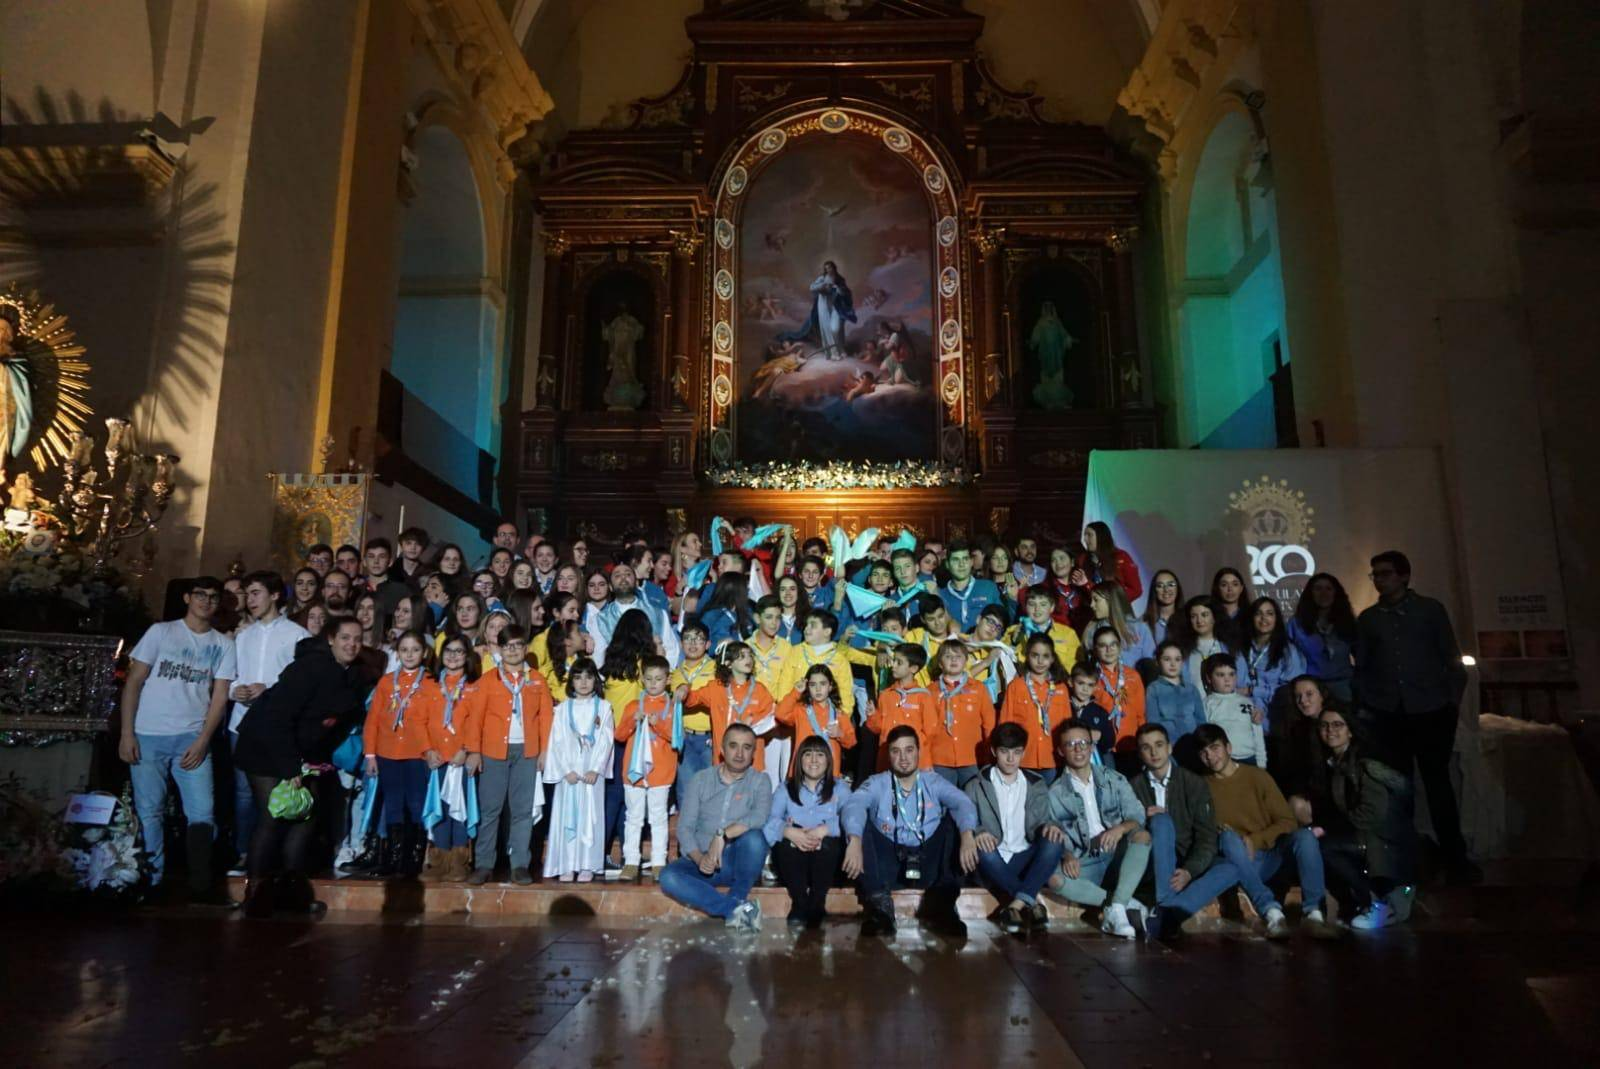 Imágenes de la Vigilia de la Inmaculada Concepción en Herencia 6